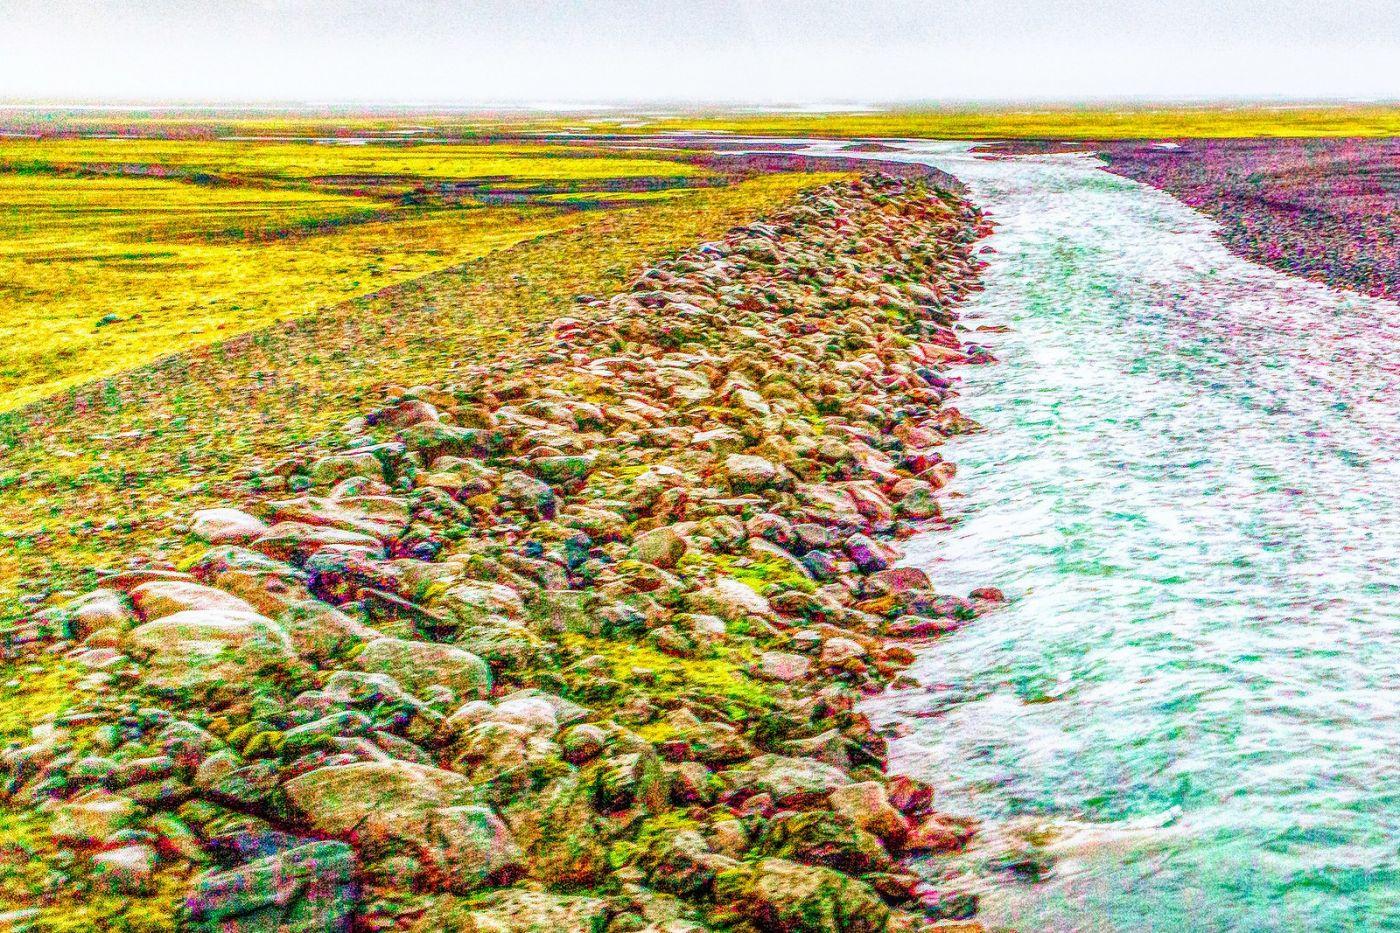 冰岛风采,延伸视野_图1-6